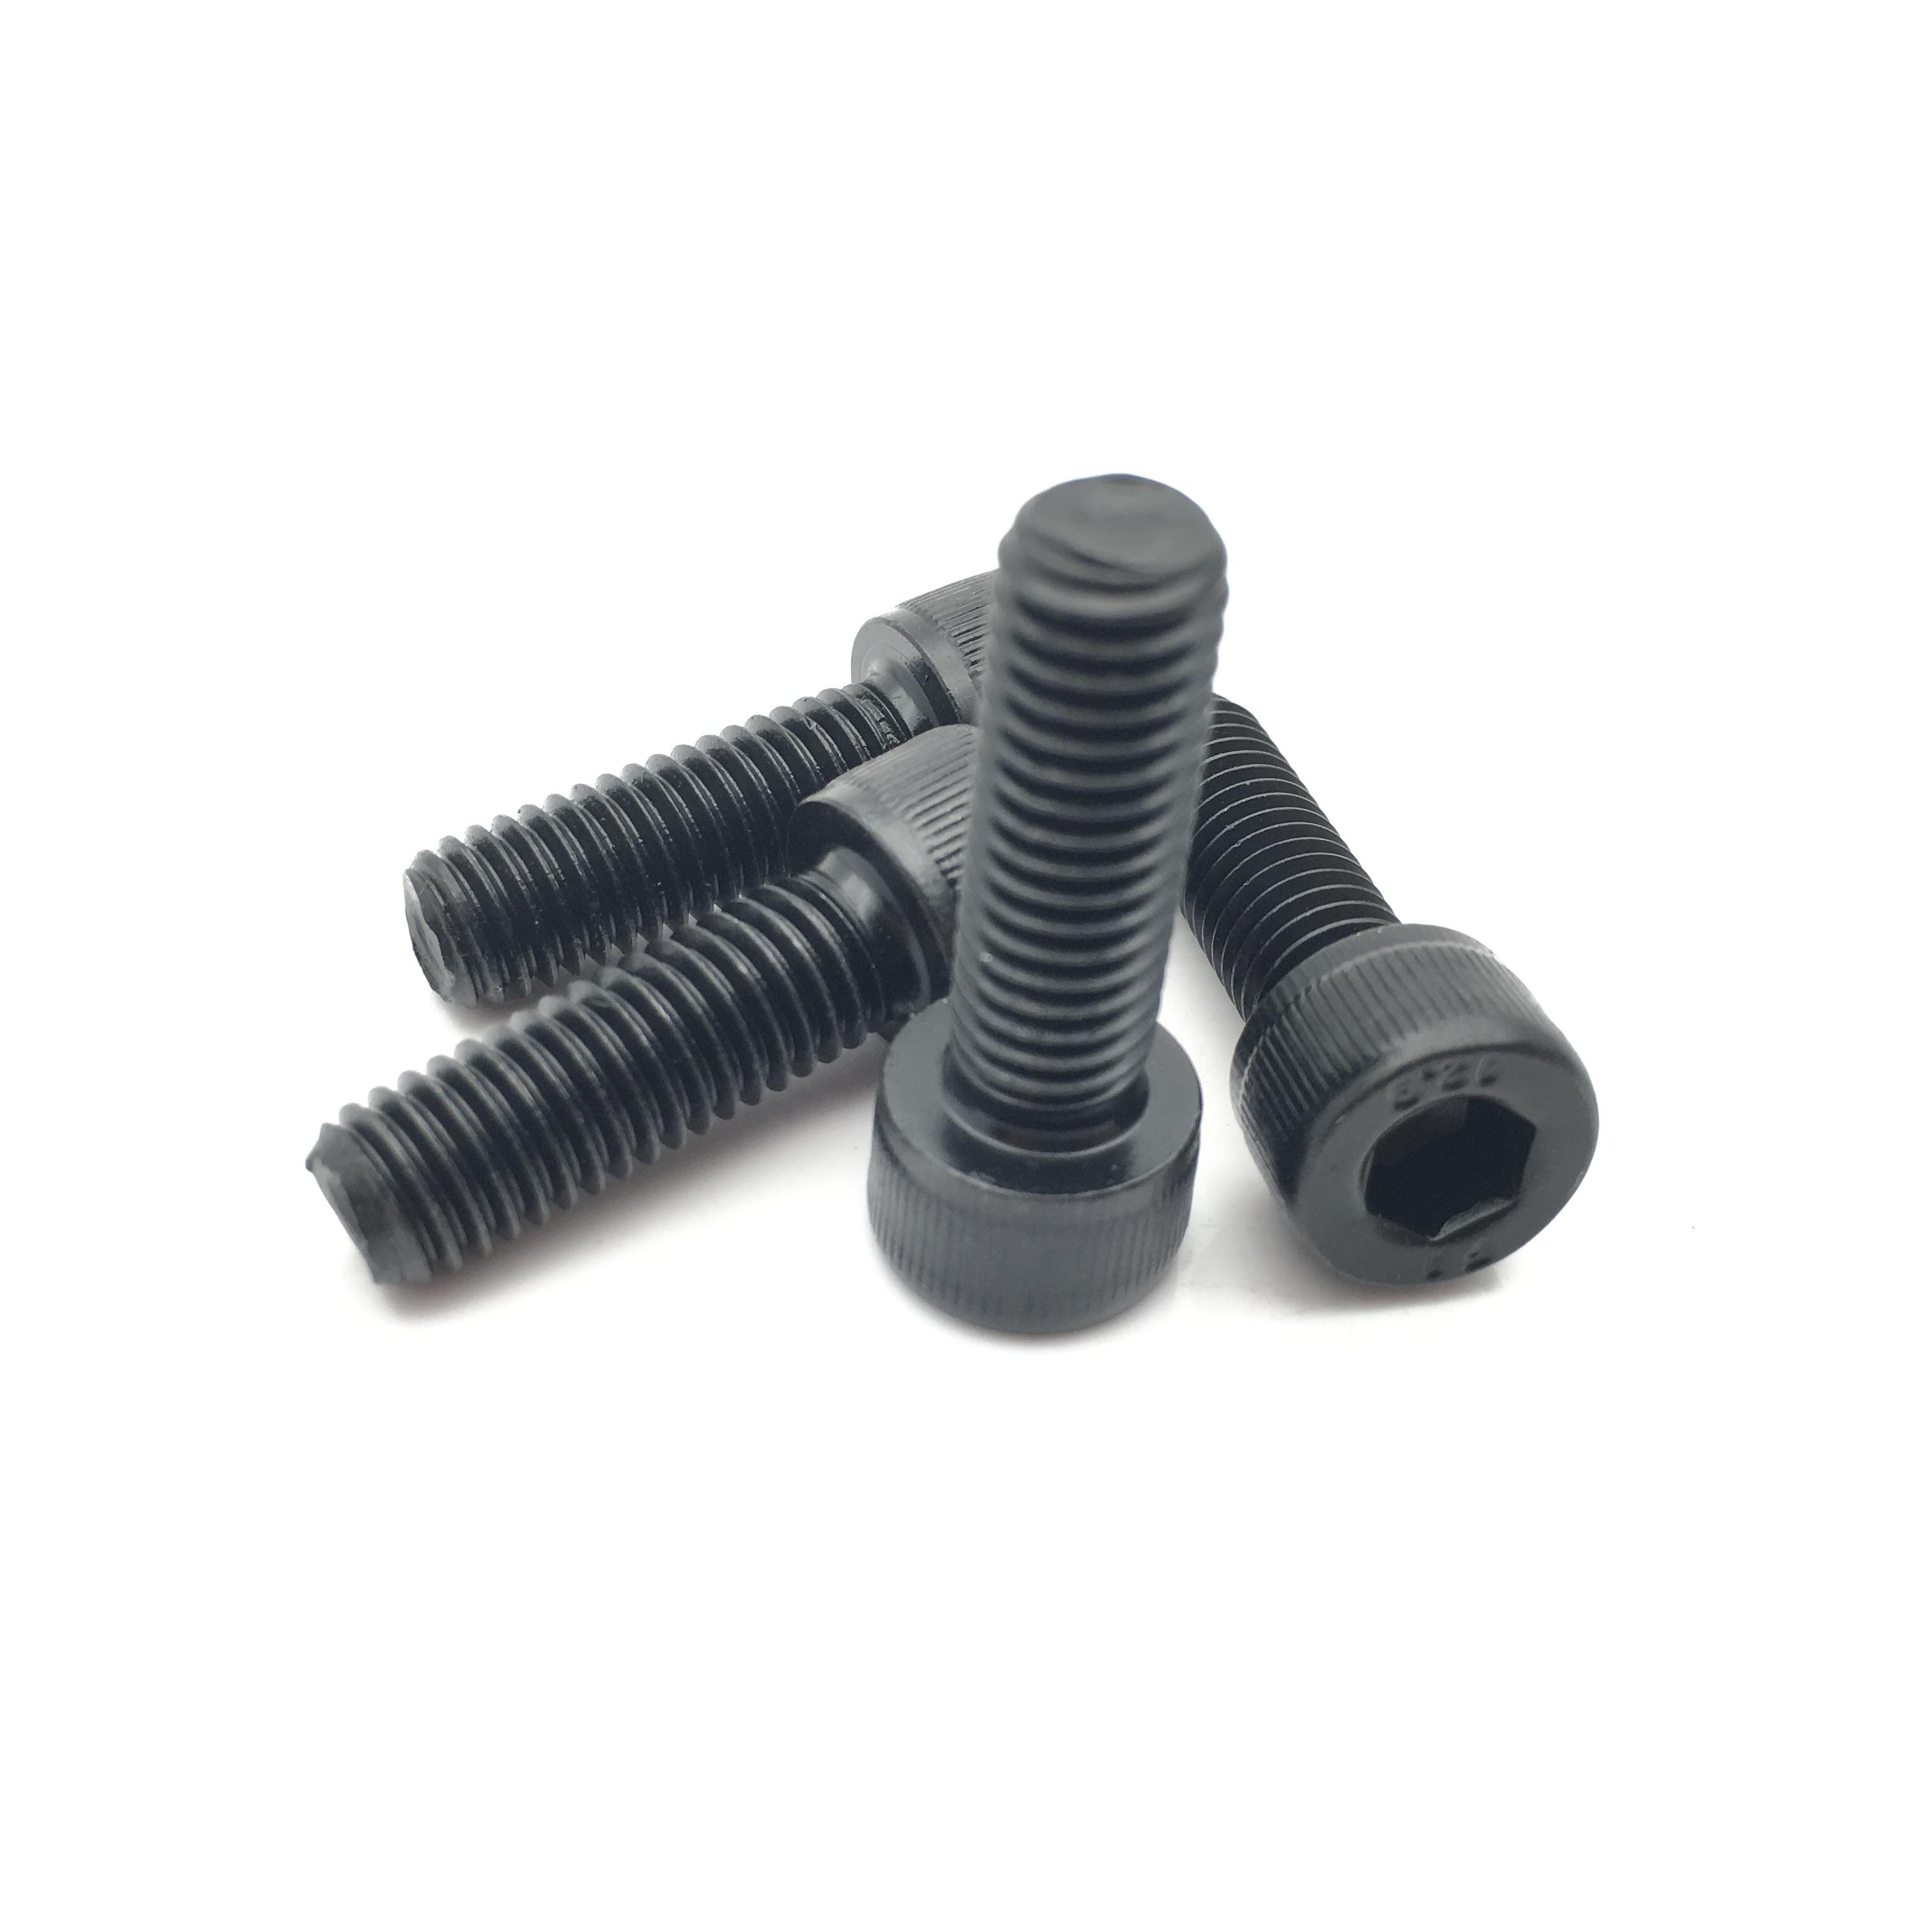 Alloy steel gr12.9 allen socket cap hex bolt DIN912 black oxide